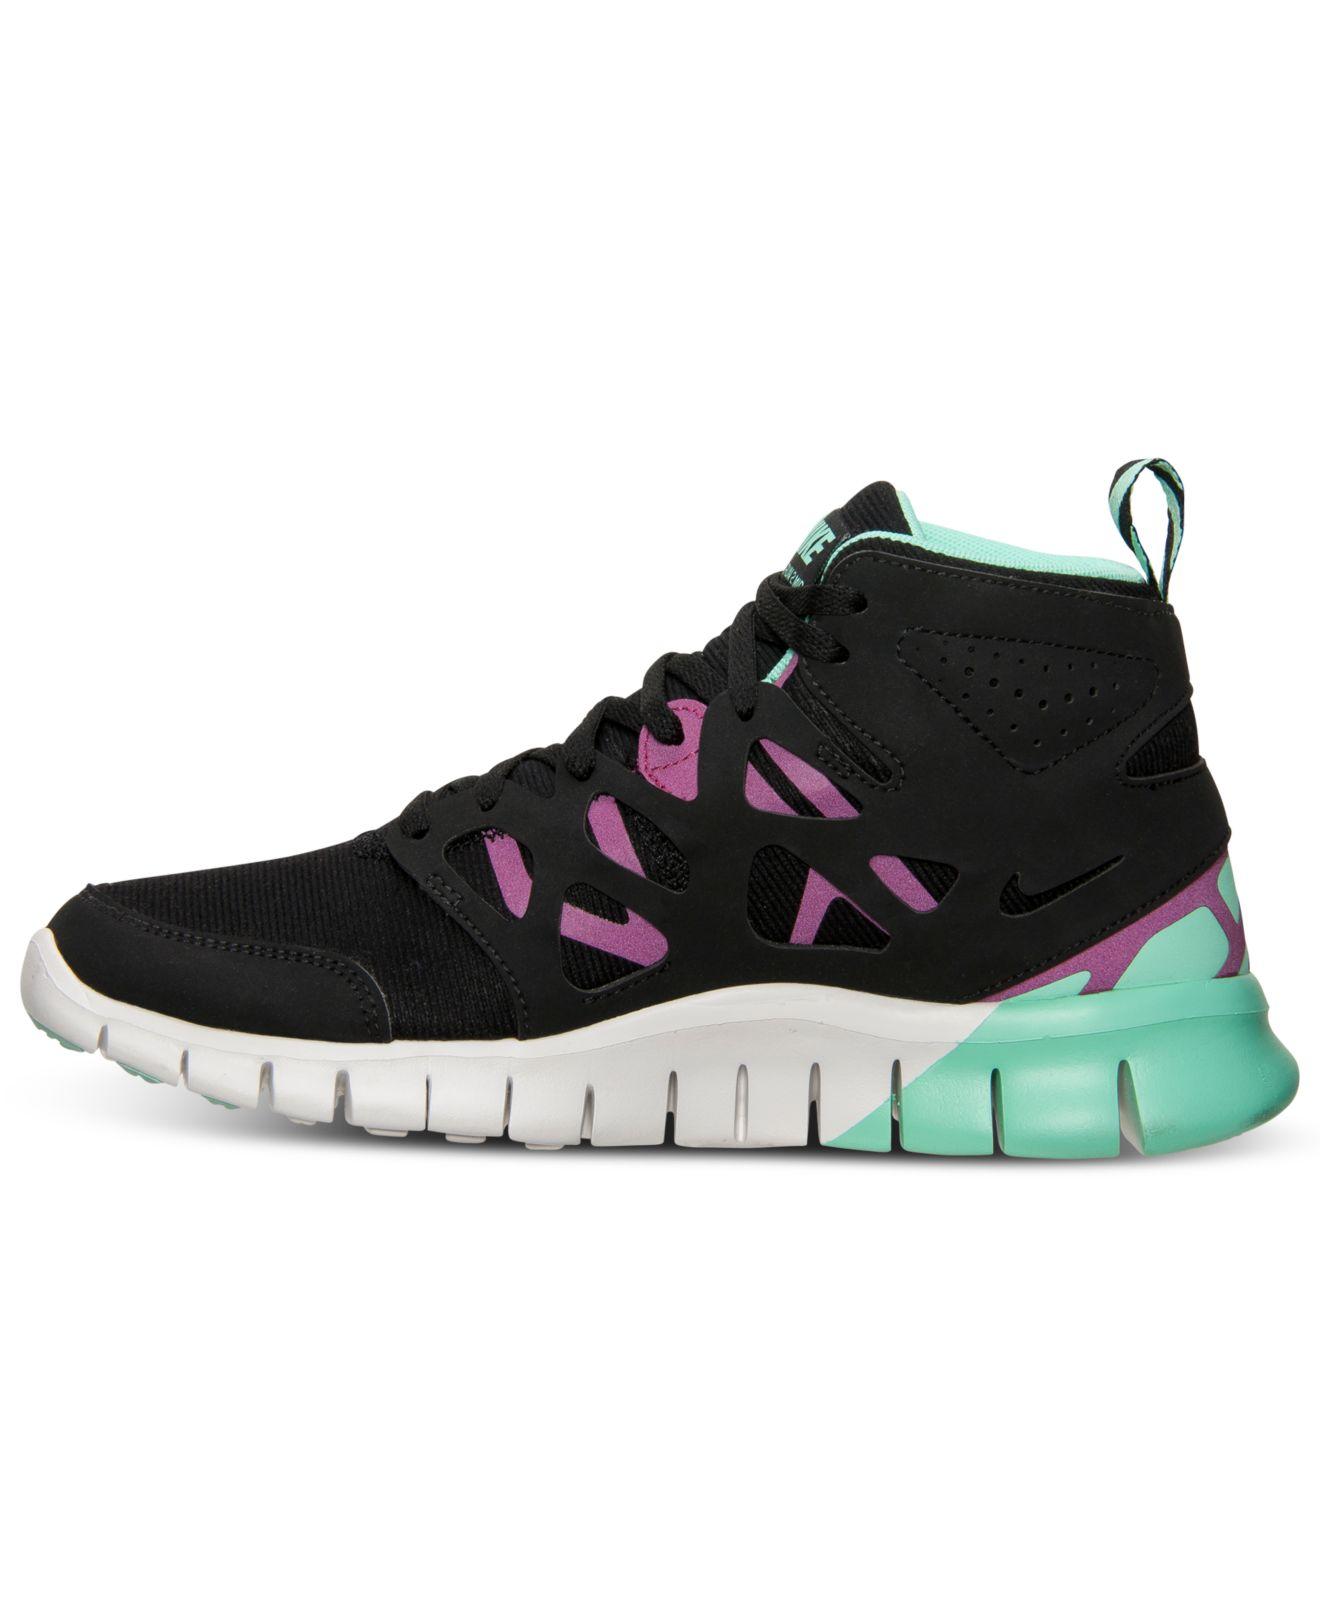 new styles c864c 72a9d Lyst - Nike WomenS Free Run 2 Mid Sneakerboot From Finish Li